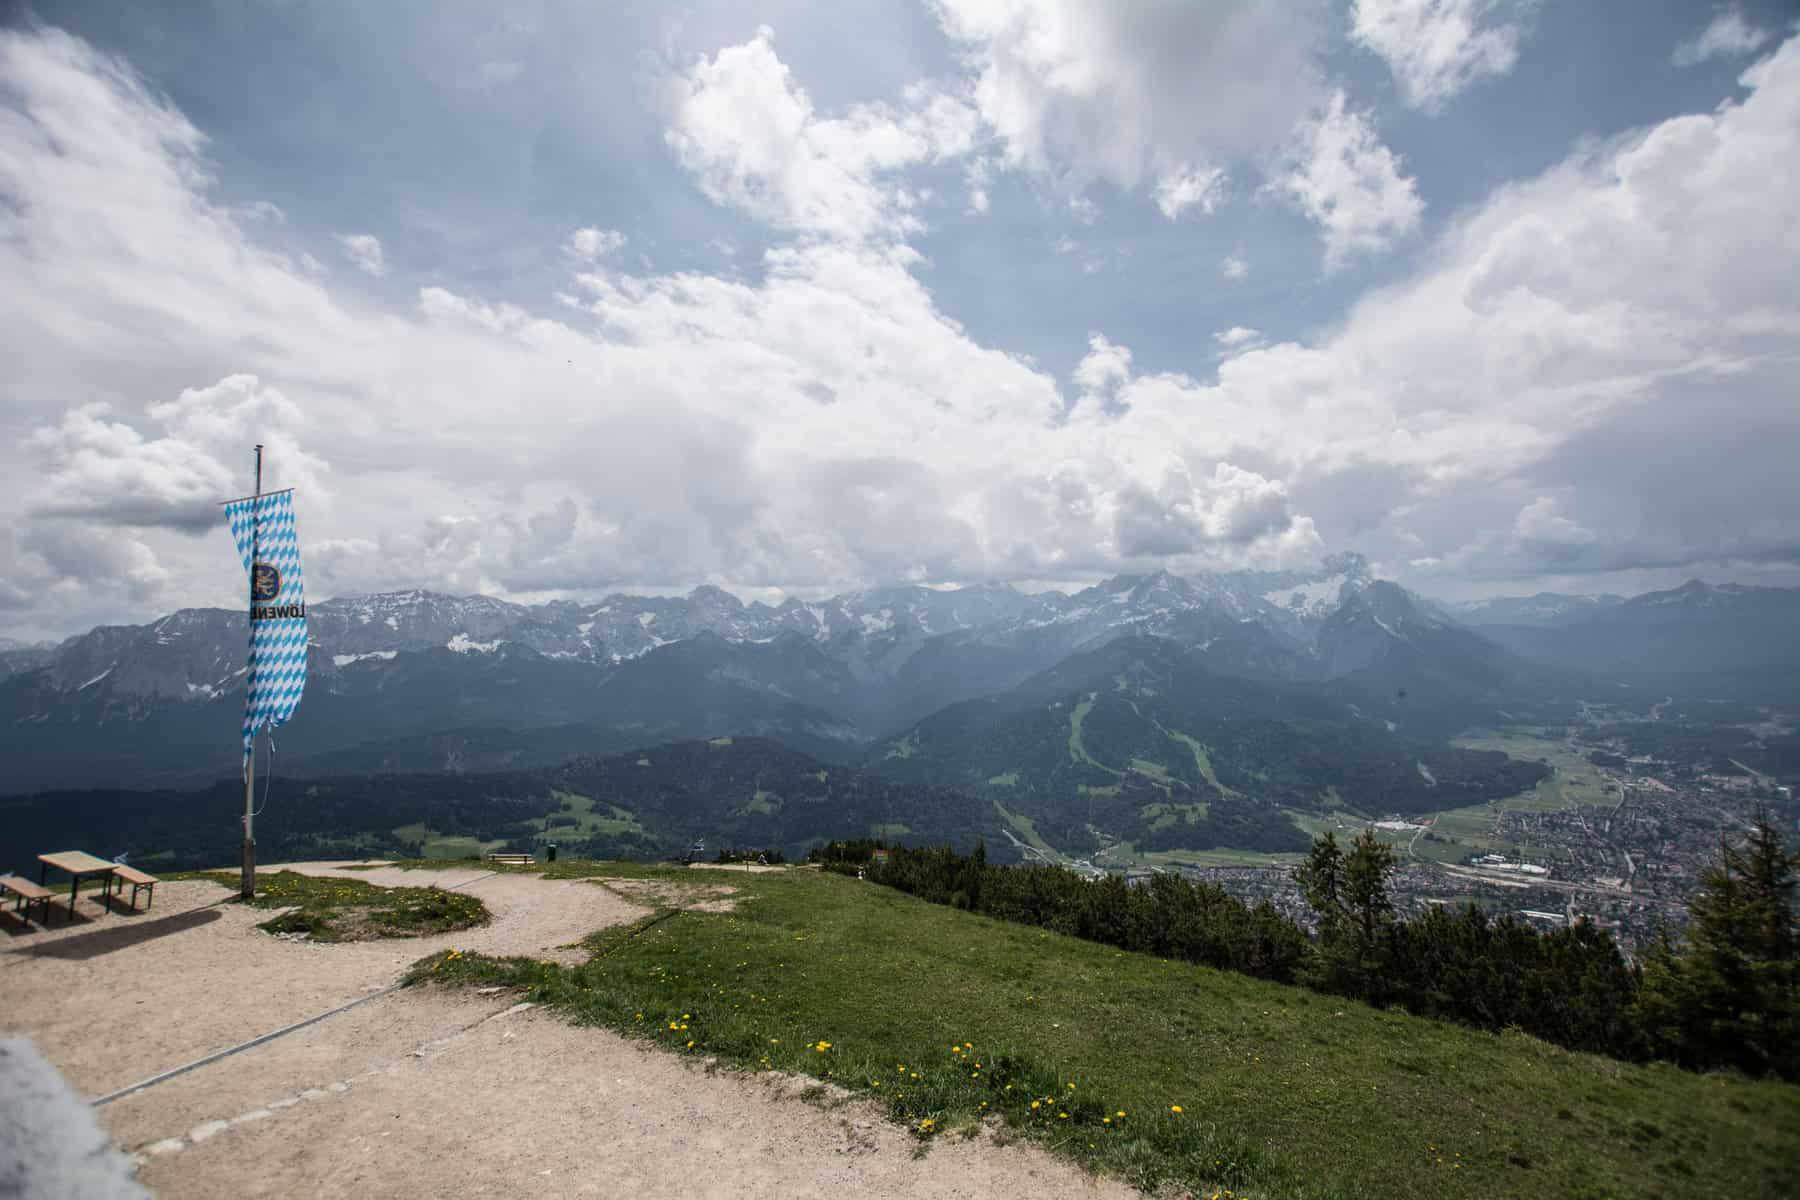 Wanderung in Garmisch-Partenkirchen